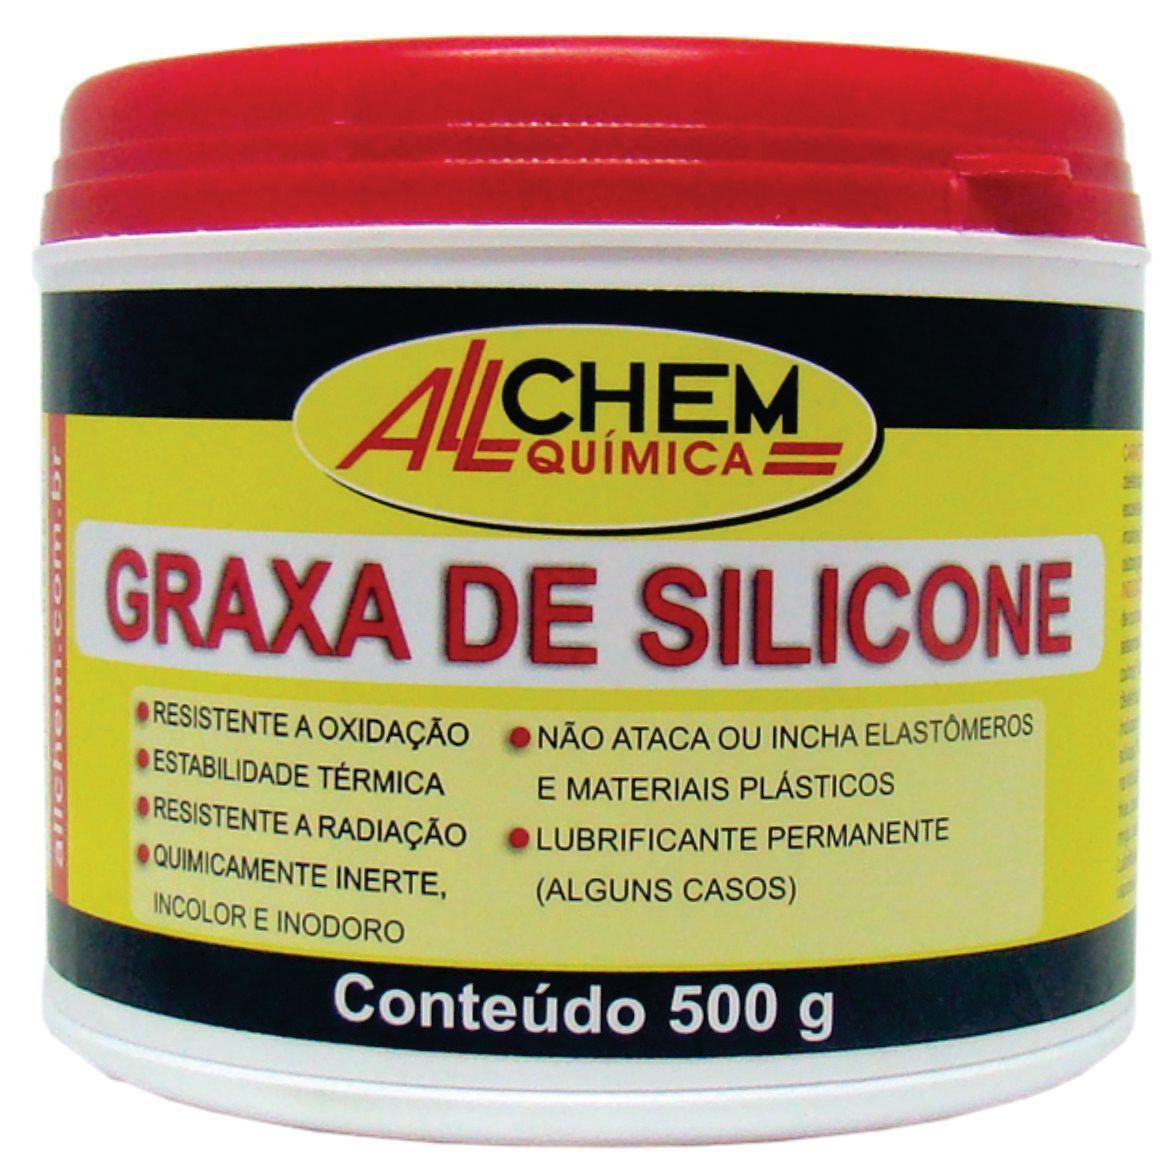 Graxa de Silicone 6x500 g